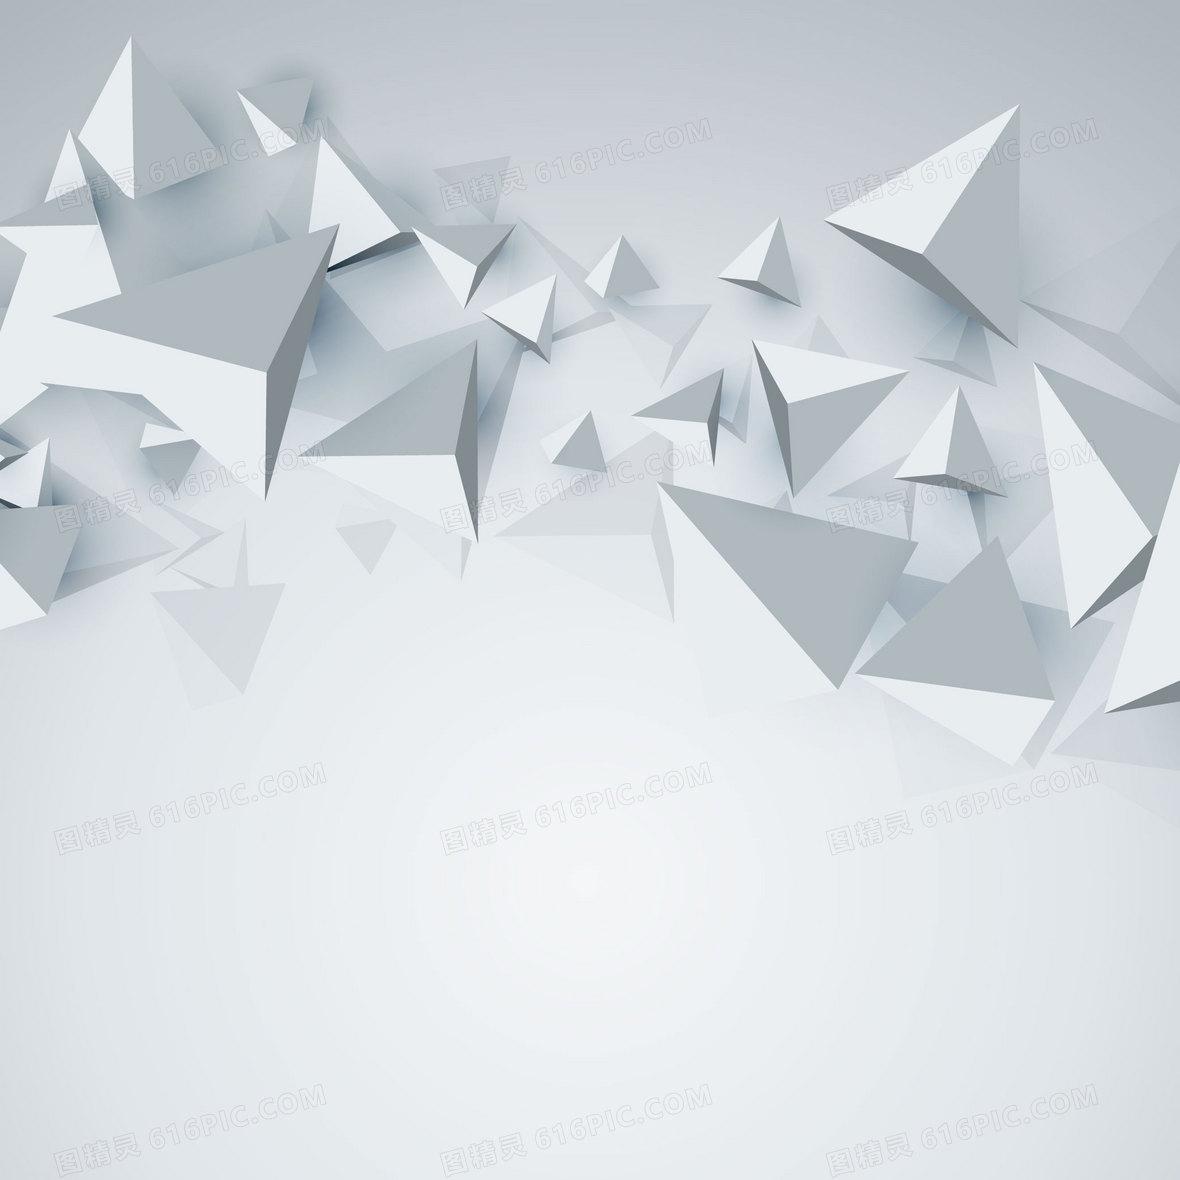 创意立体三角几何白色矢量背景